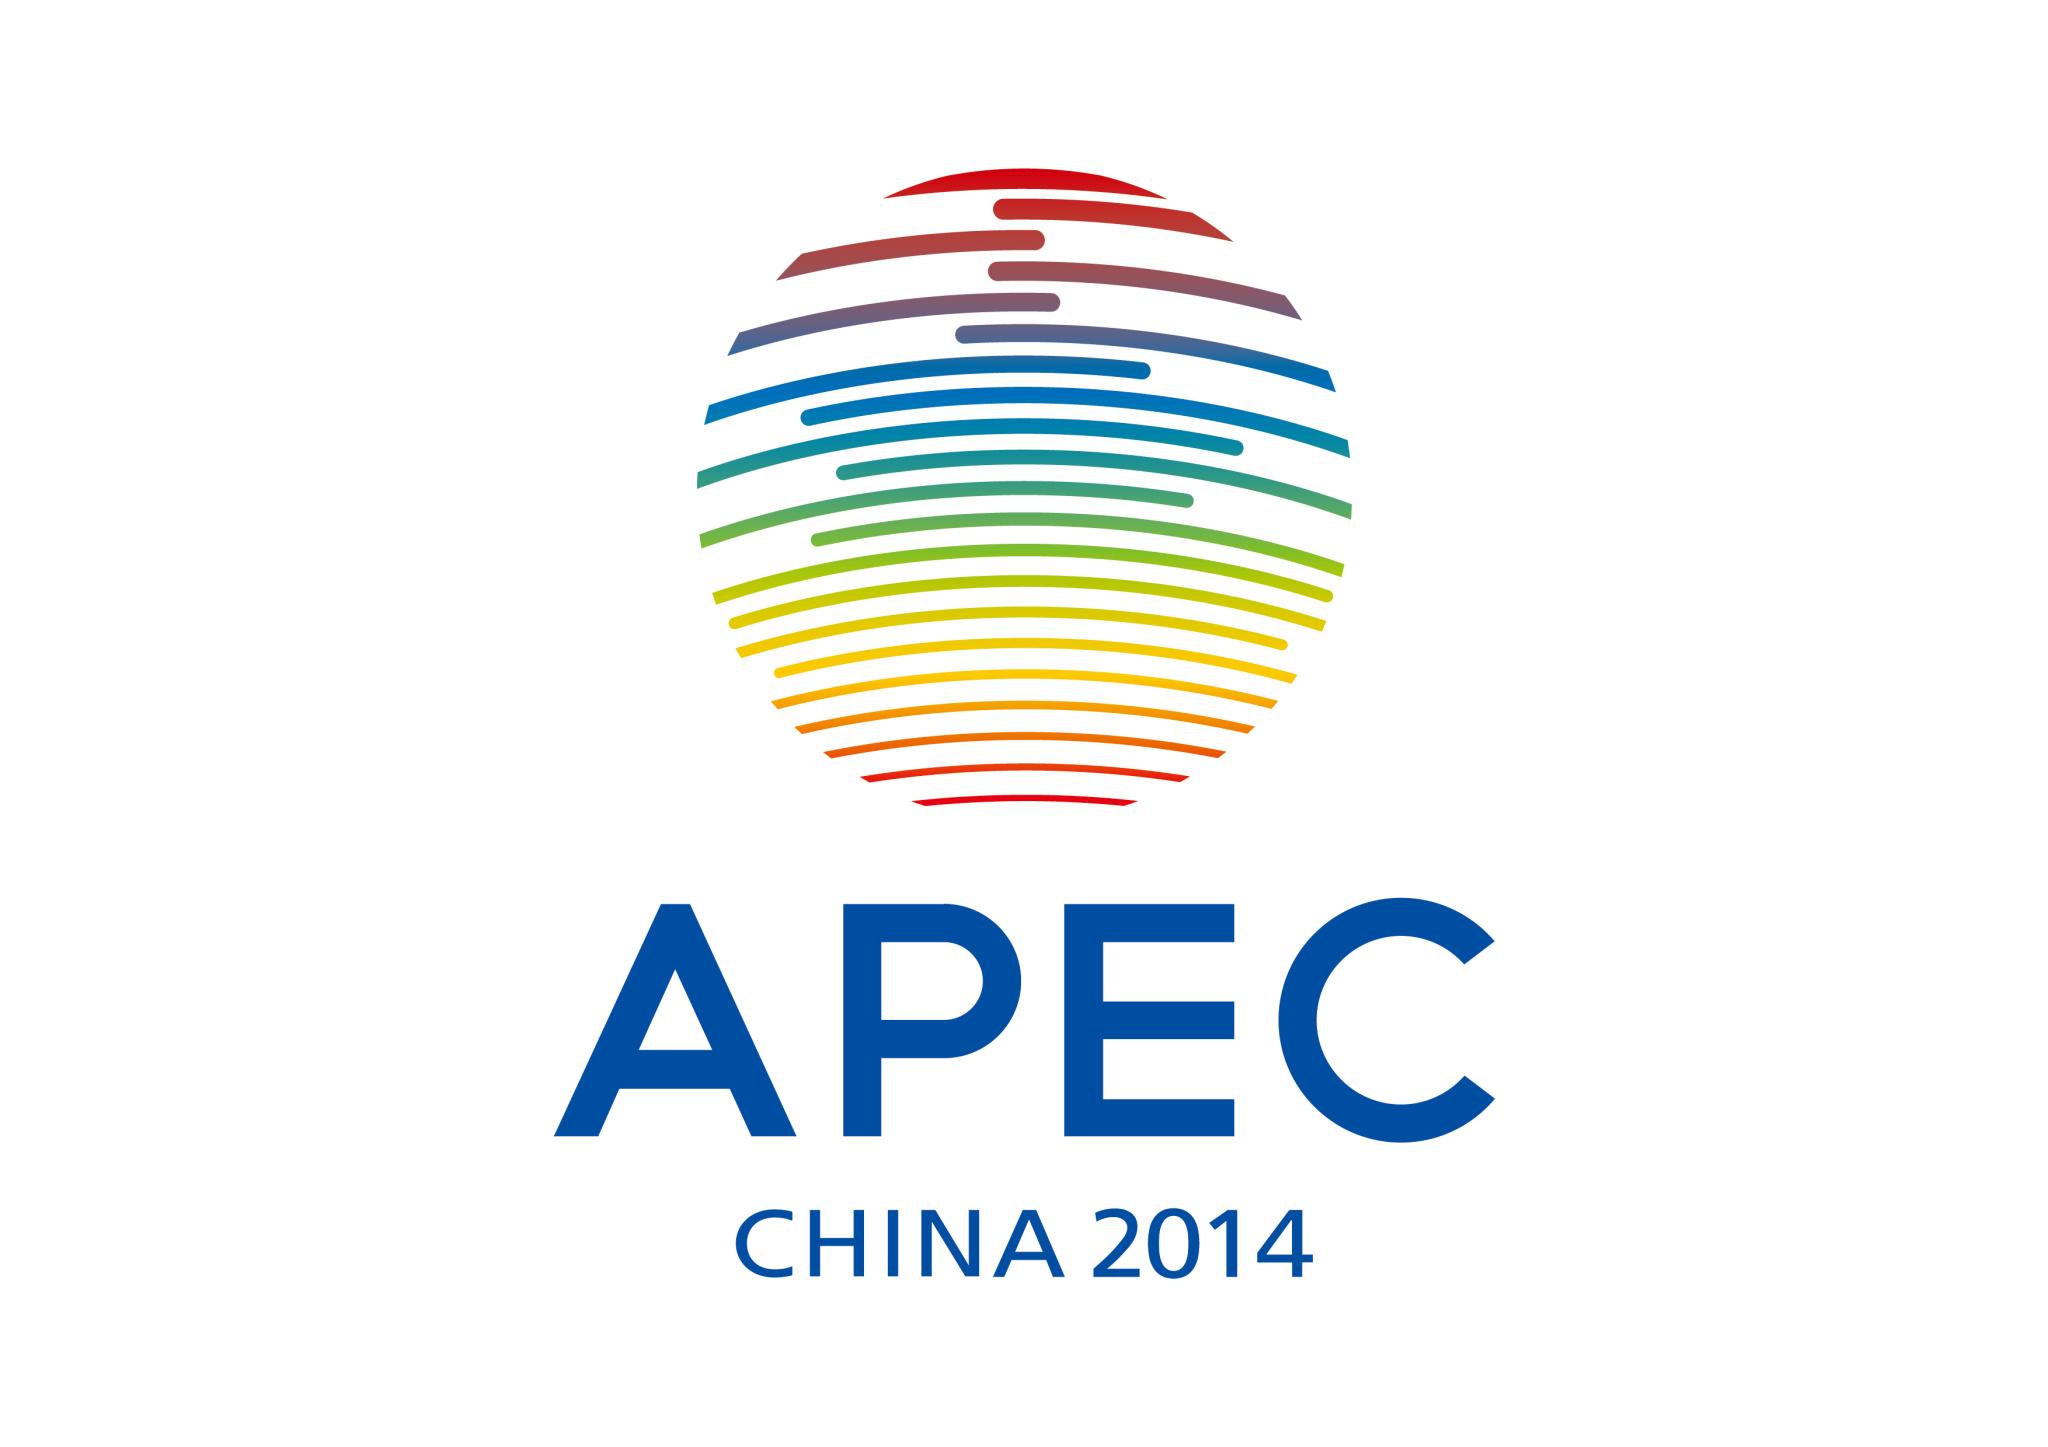 APEC2014 large 2014中国APEC峰会官方Logo